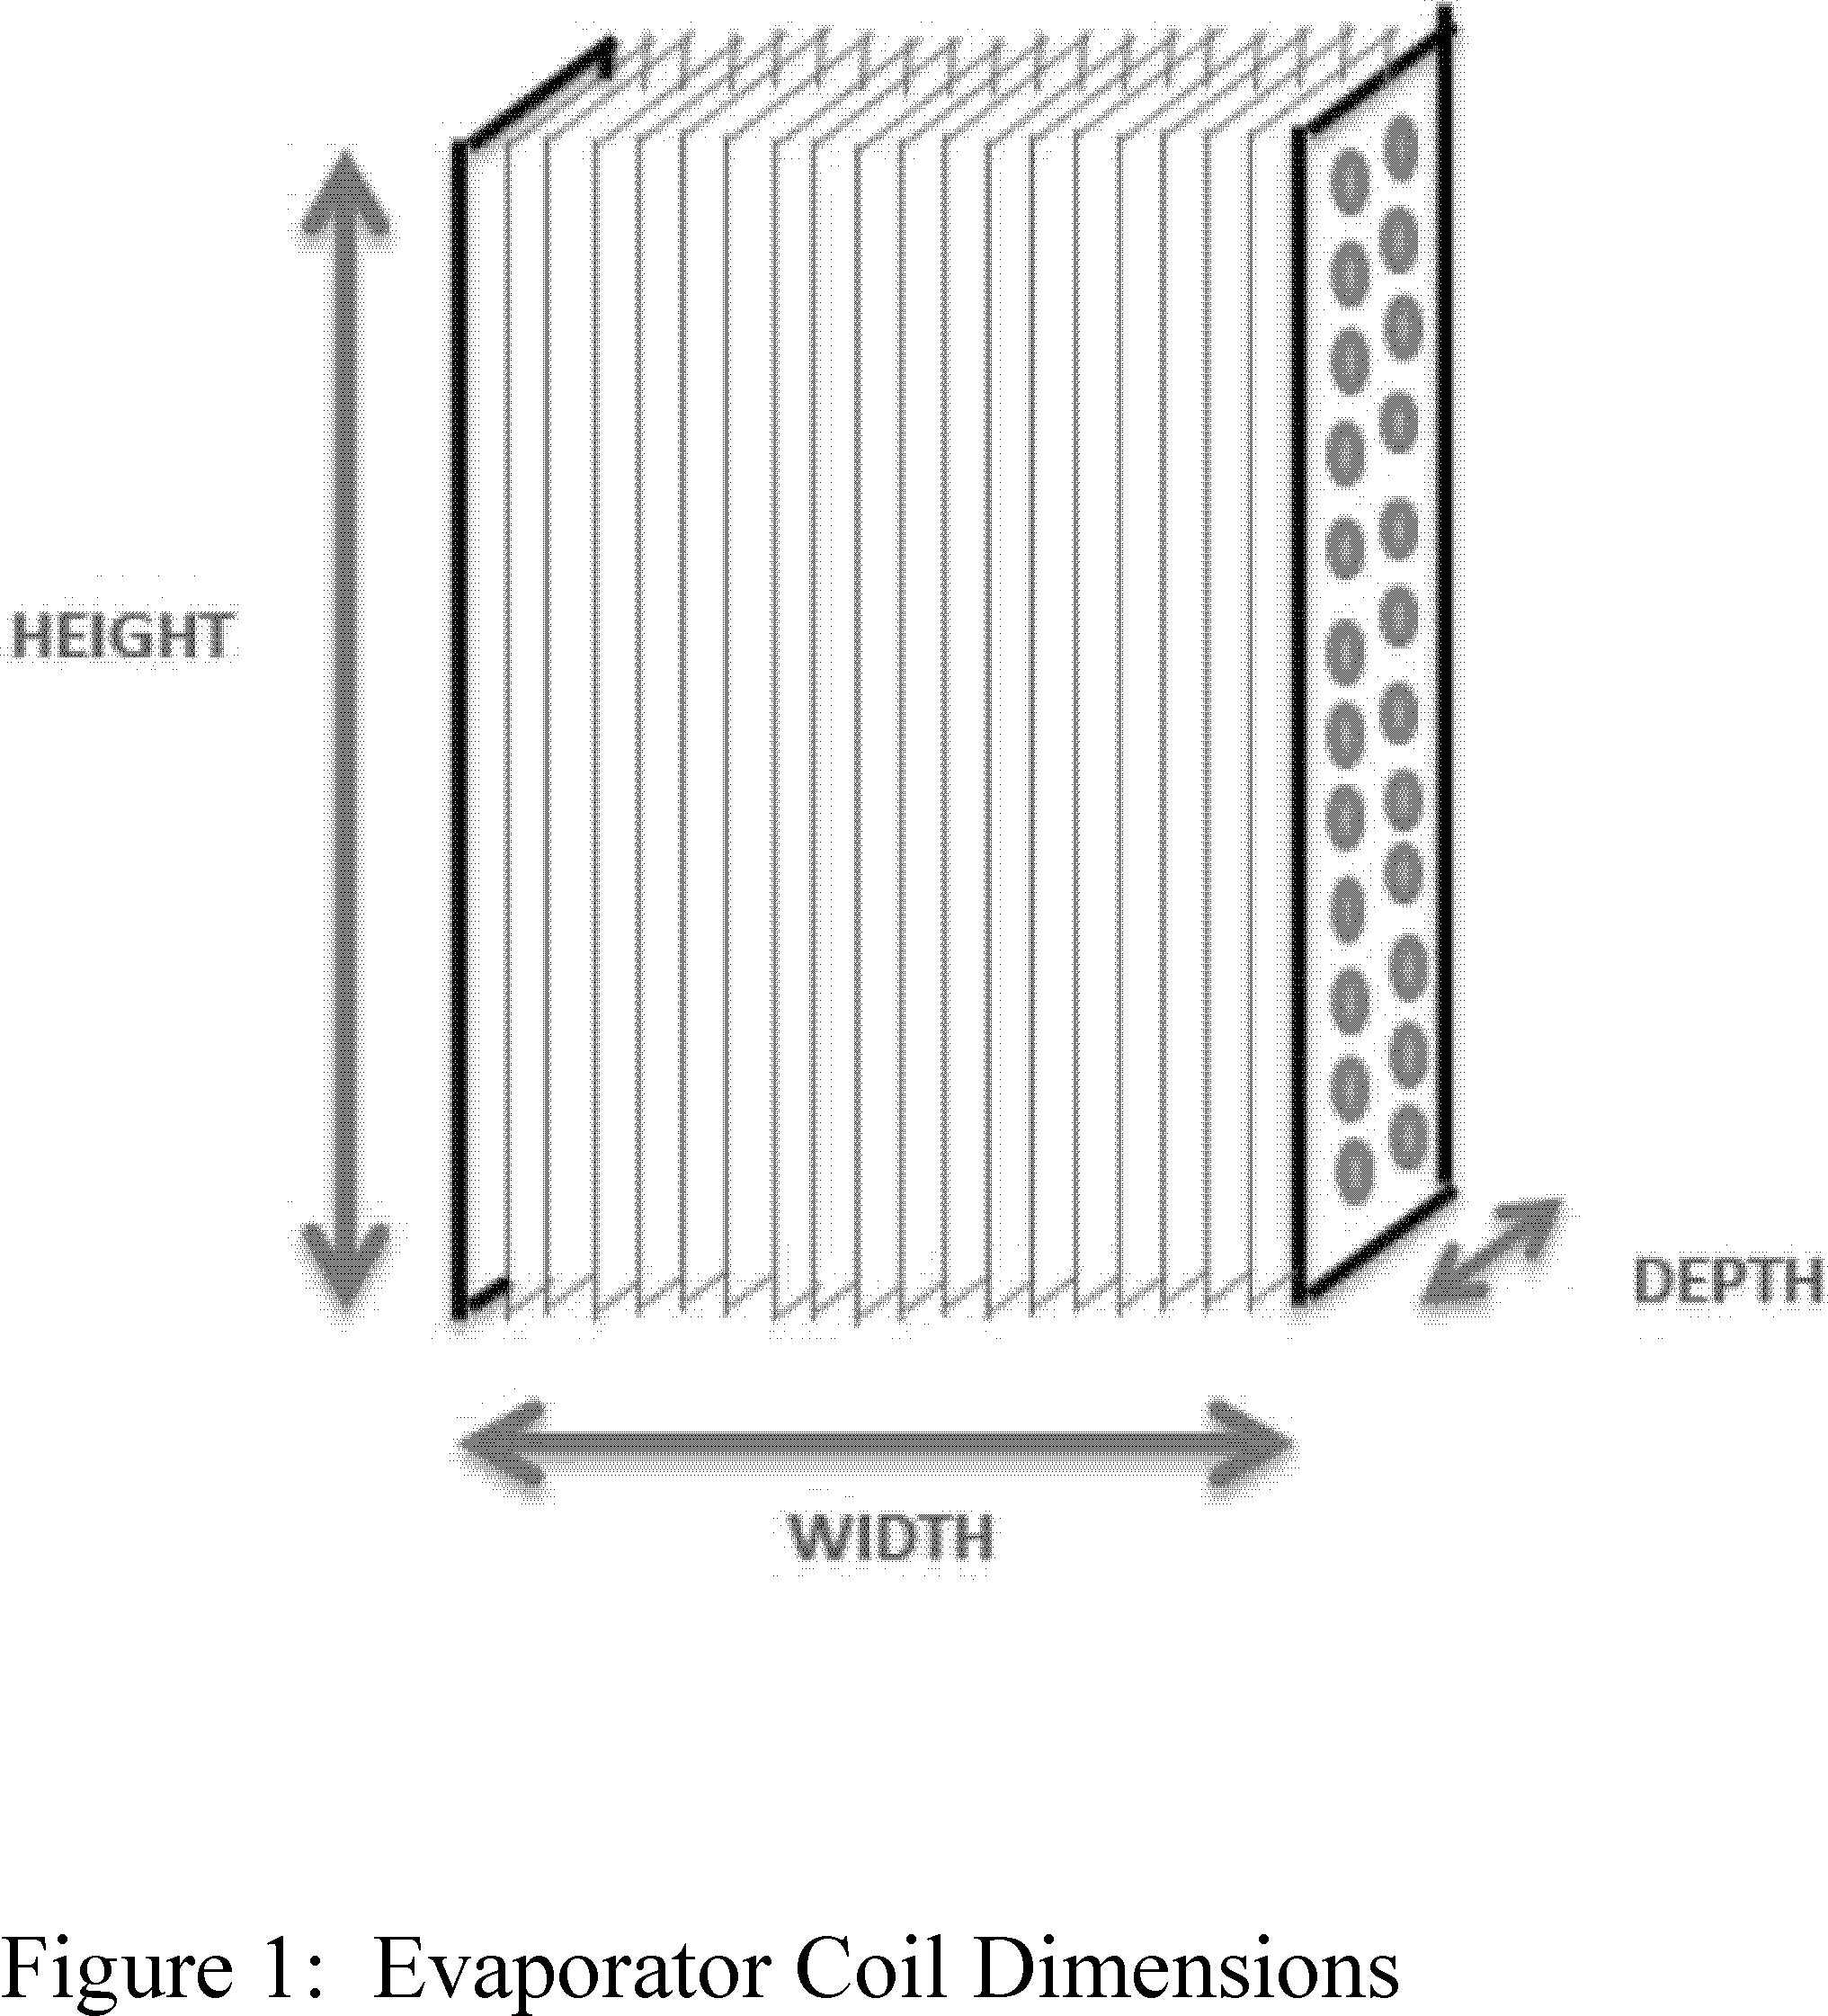 freezer wiring a circuit, kegerator diagram, freezer thermostat, freezer schematic diagram, freezer wiring schematic 253 14592101, basic freezer diagram, freezer wiring schematic sears 106 720461, sears upright freezer diagram, freezer components diagram, refrigeration circuit diagram, on bally walk in freezer wiring diagram